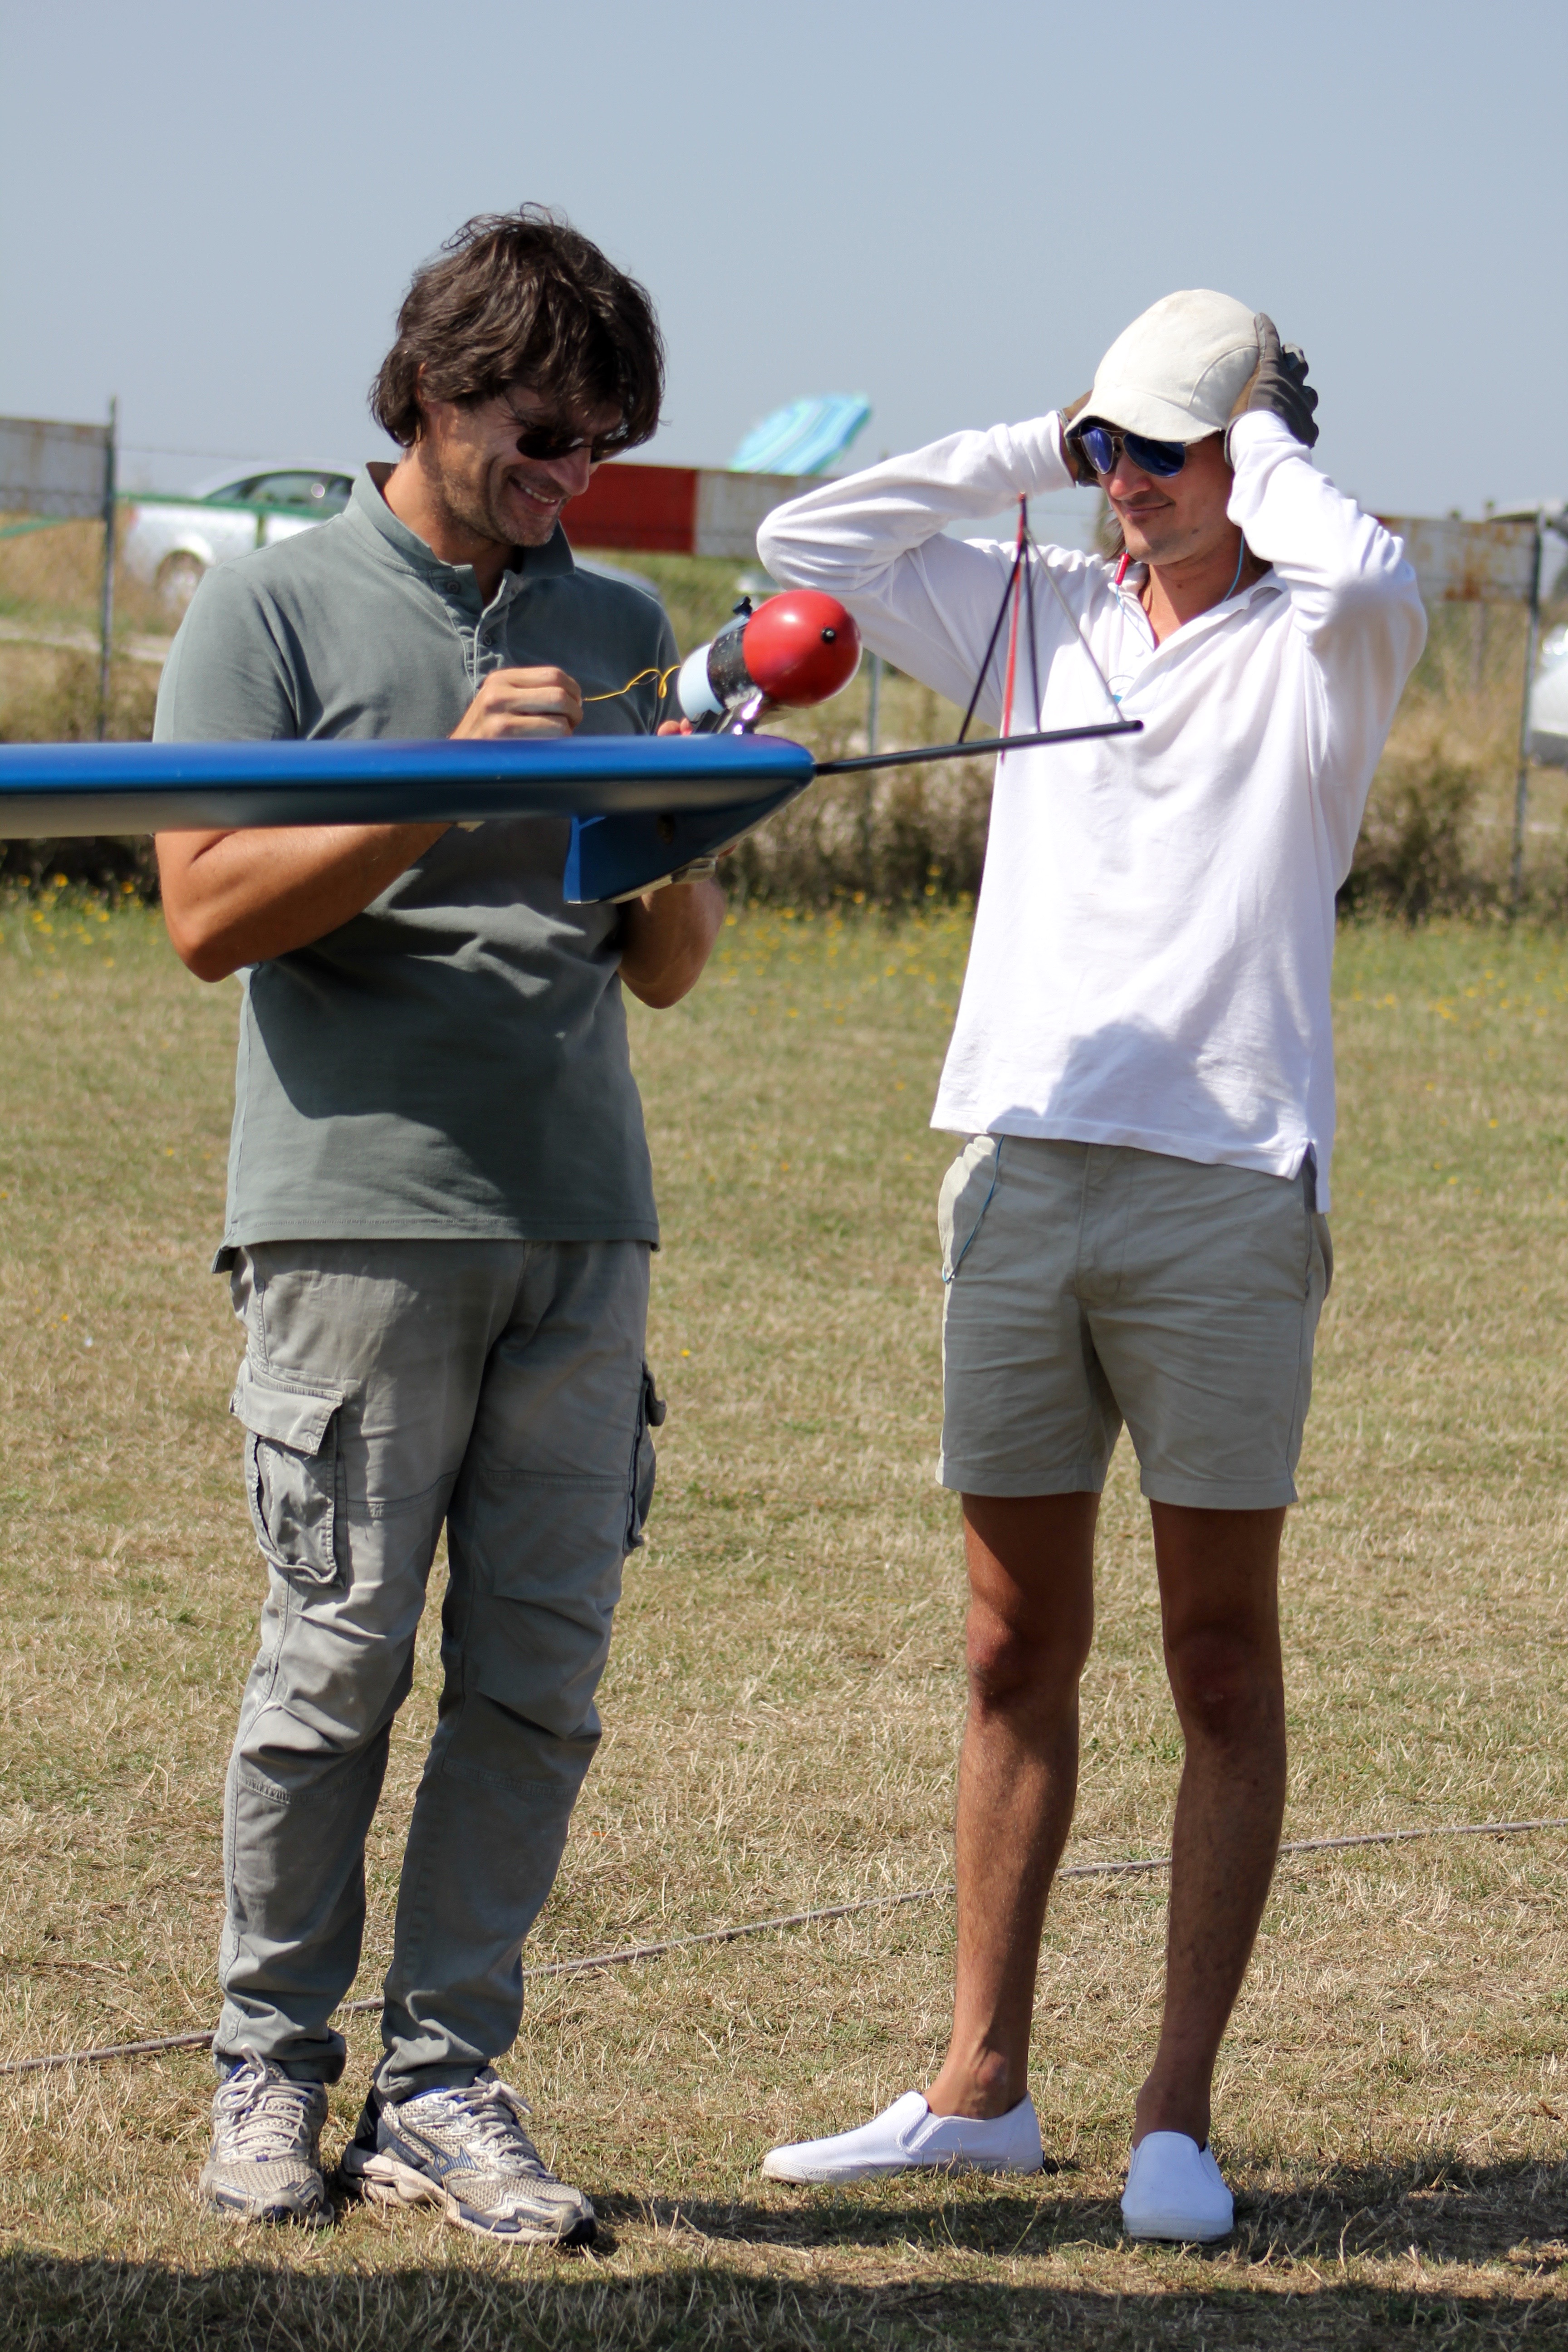 volo acrobatico: Sasha Marvin e Eric